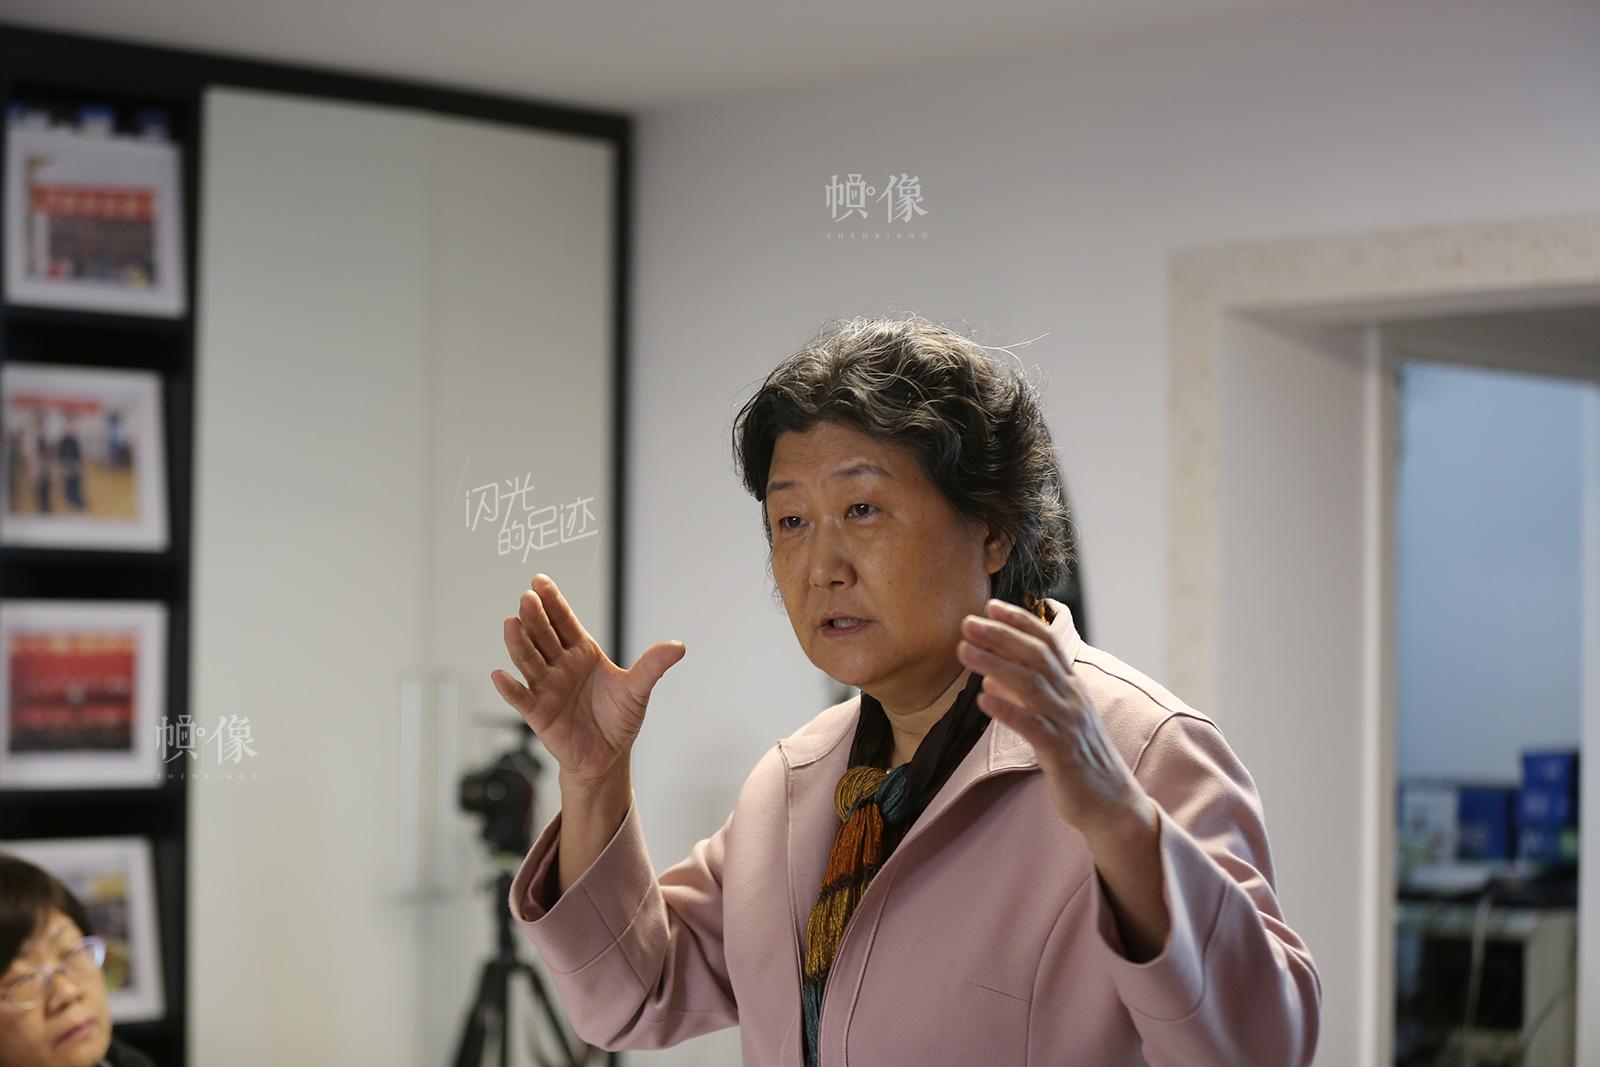 2017年2月25日,北京红枫中心副主任侯志明讲解依恋关系。中国网记者 吴闻达 摄